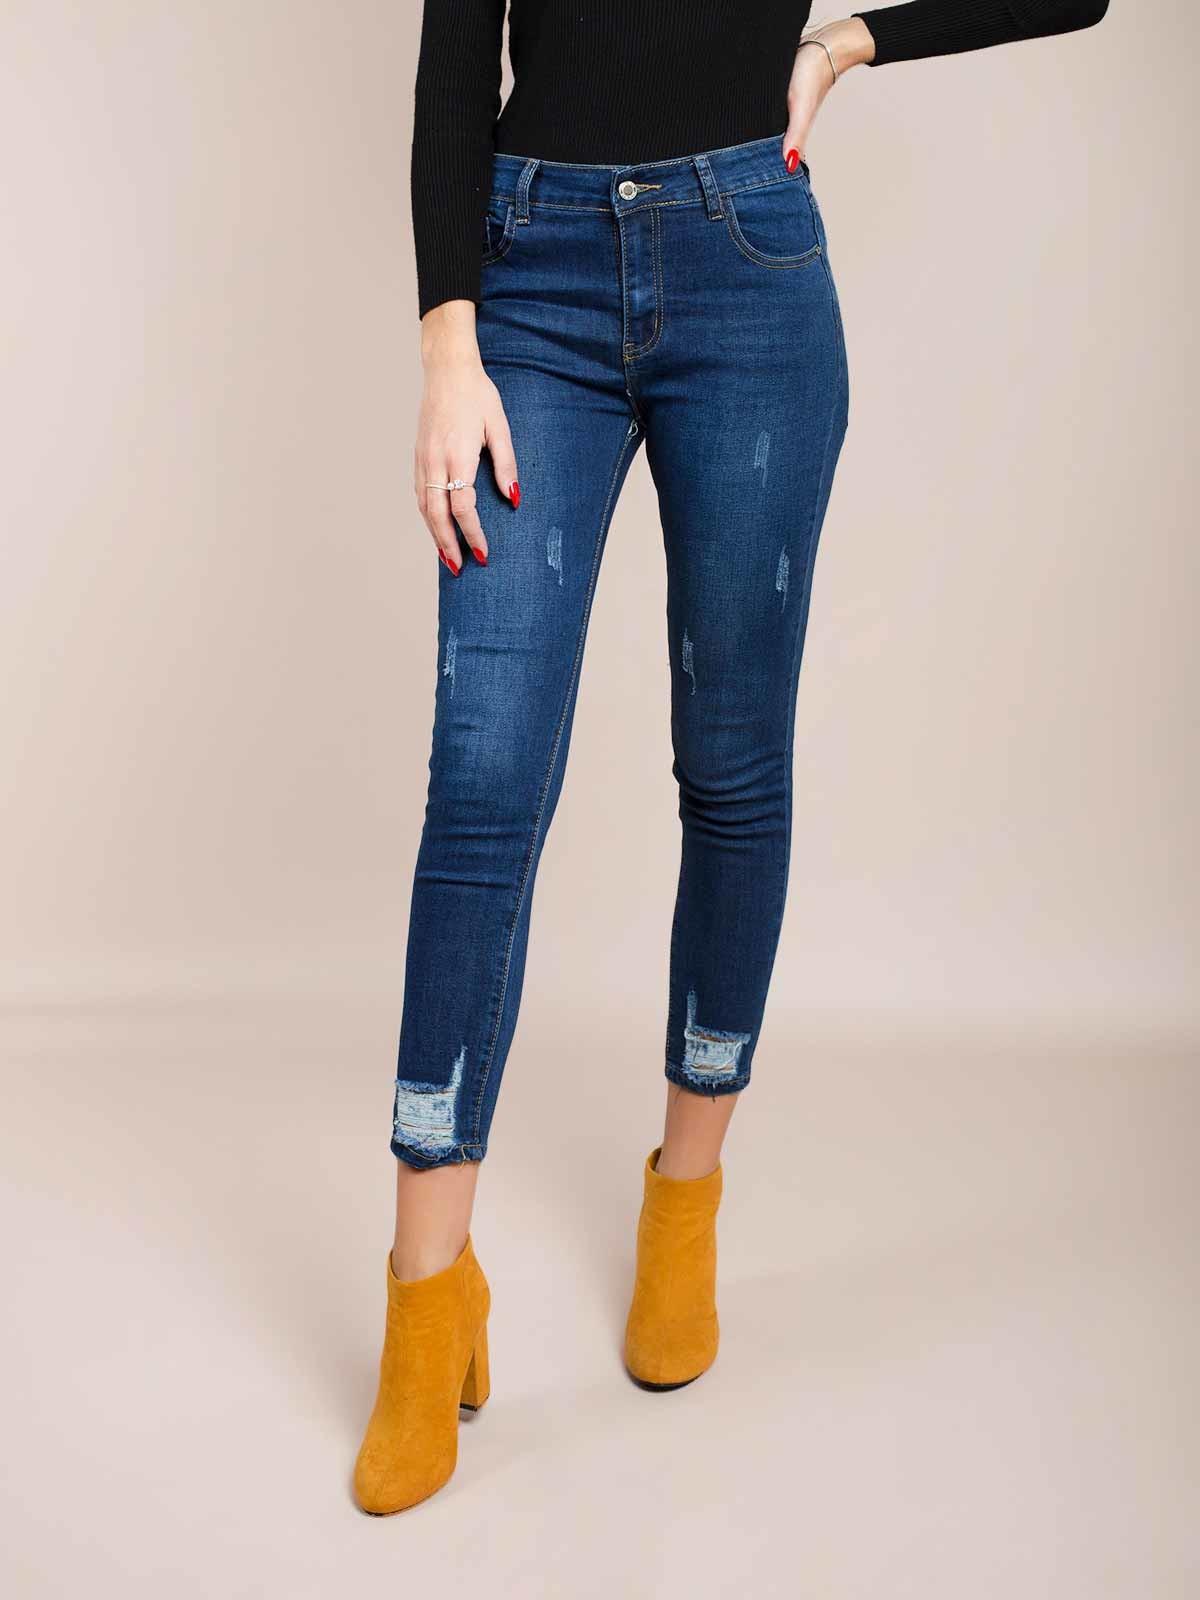 Calças ganga ripped jeans